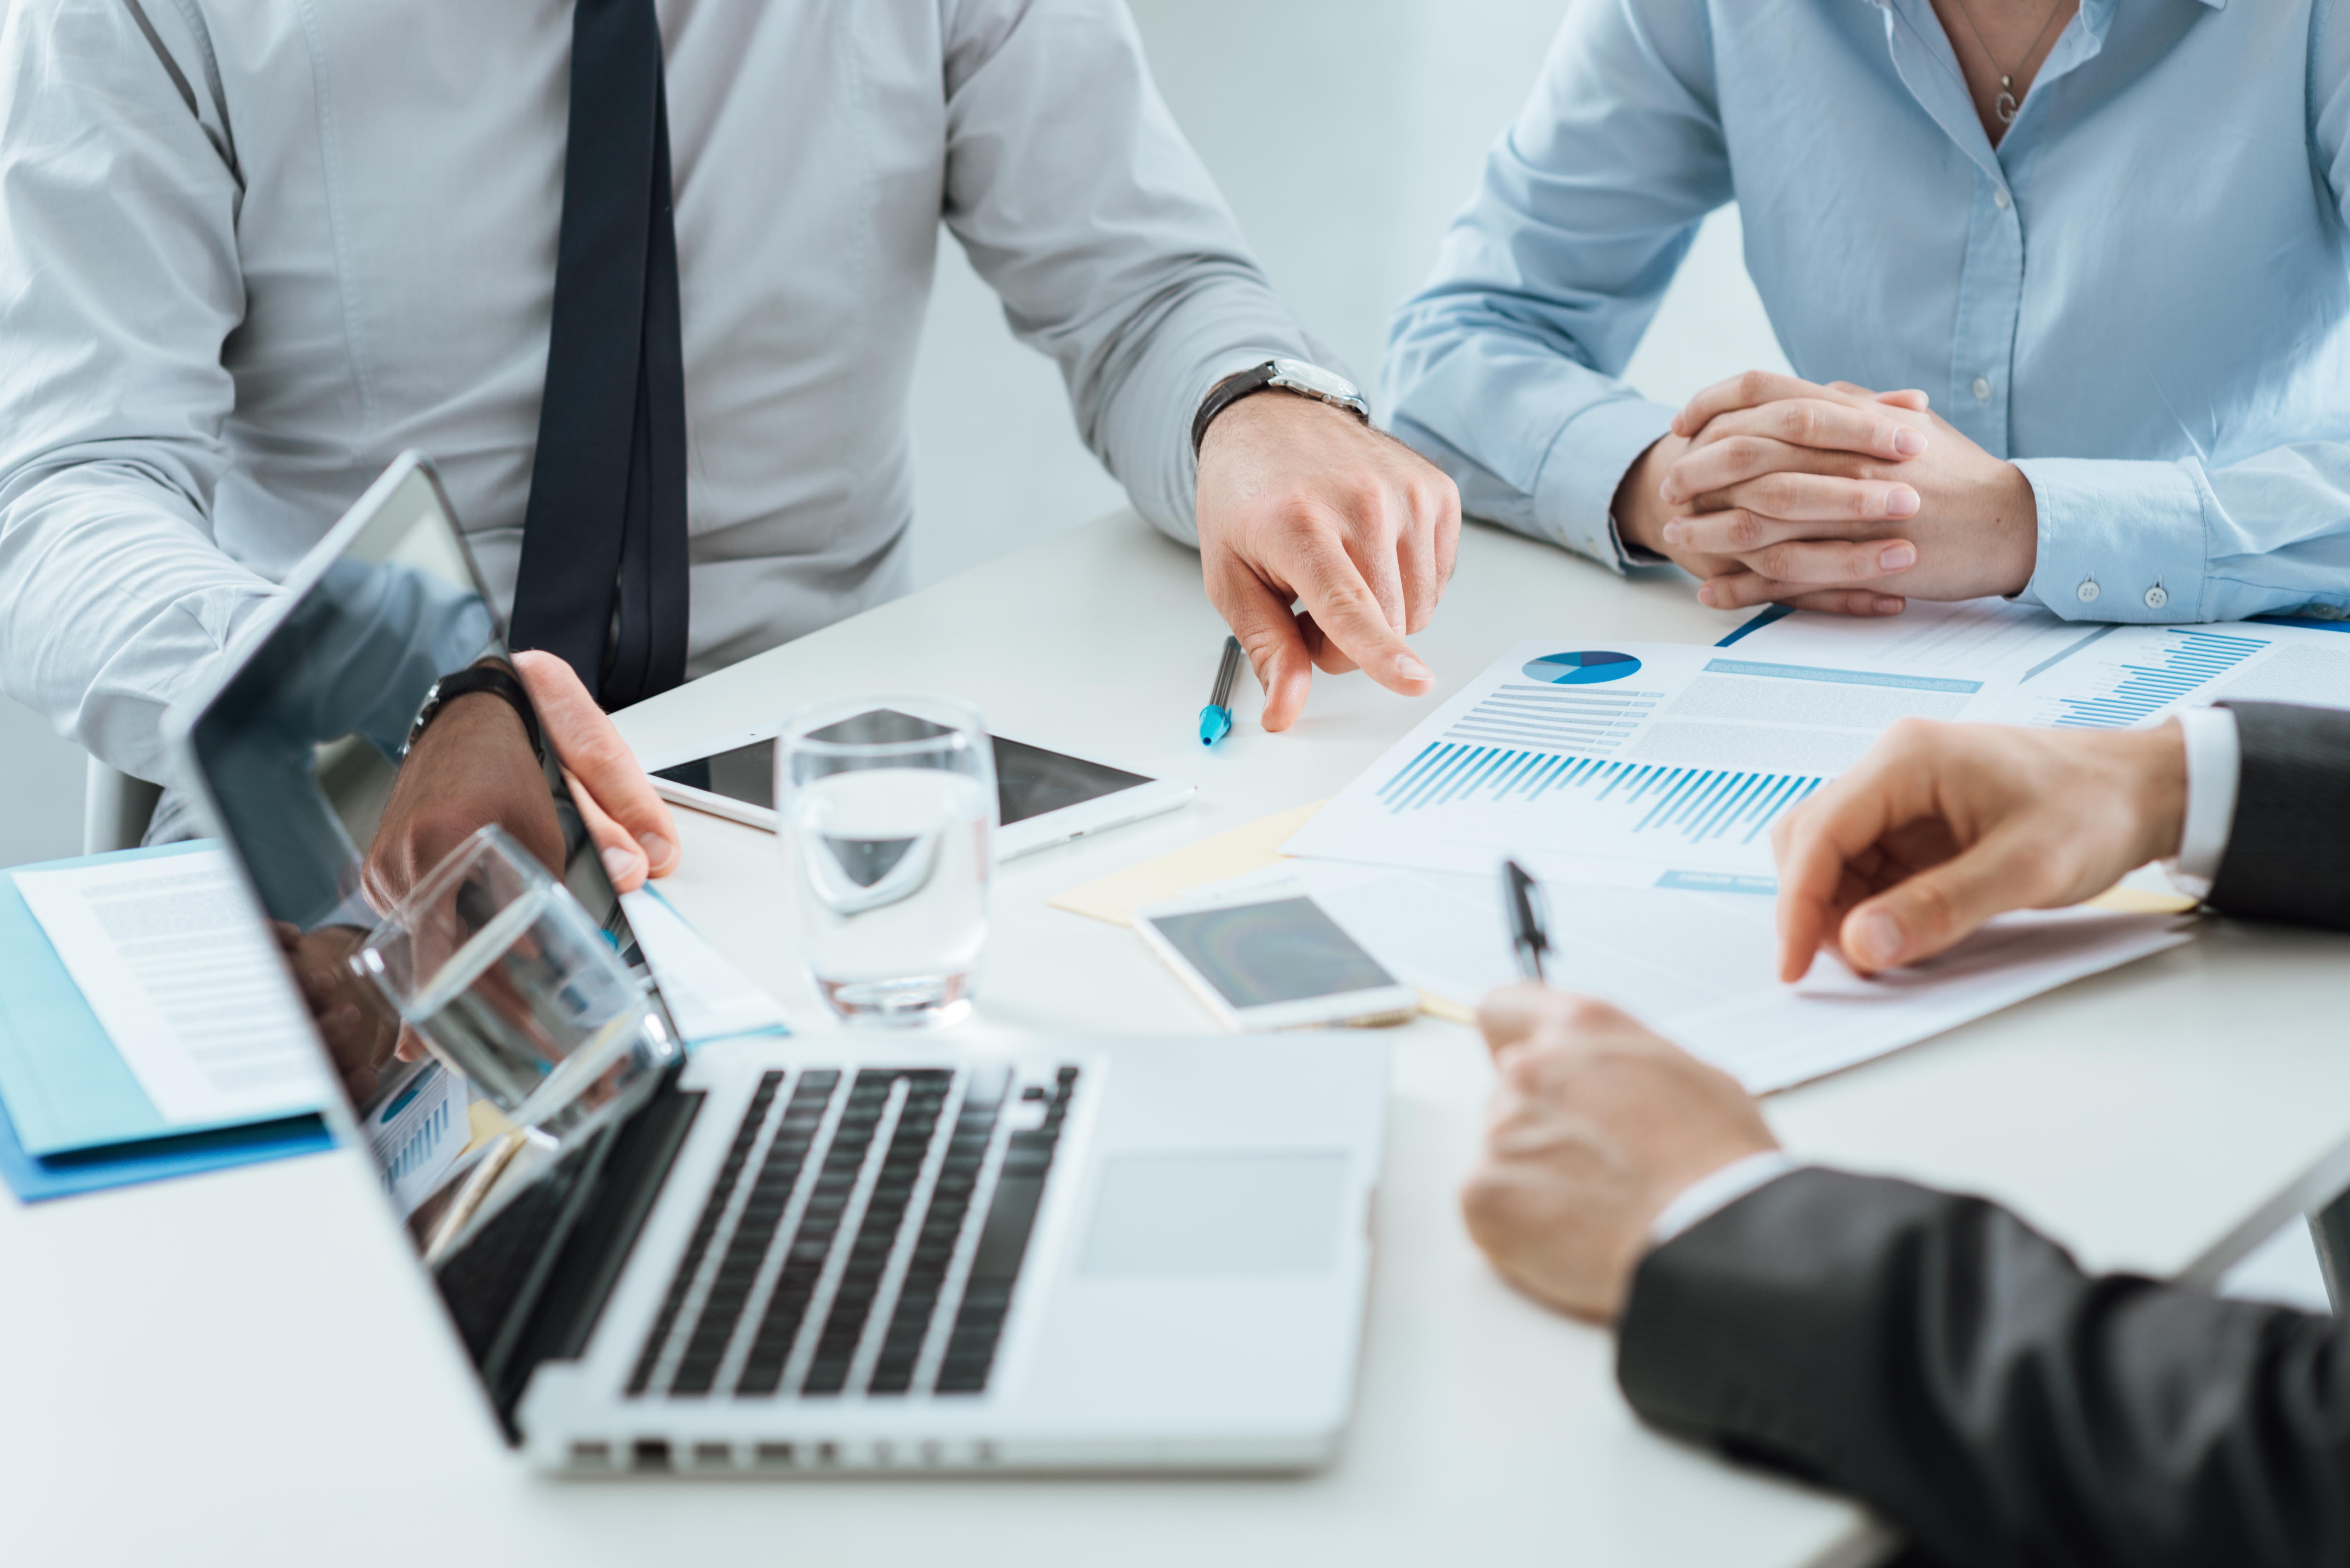 Hommes d'affaires travaillant en groupe avec un MacBook, un iPad et un iPhone pour illustrer la facilité d'utilisation des produits Apple en entreprise selon ALis Business